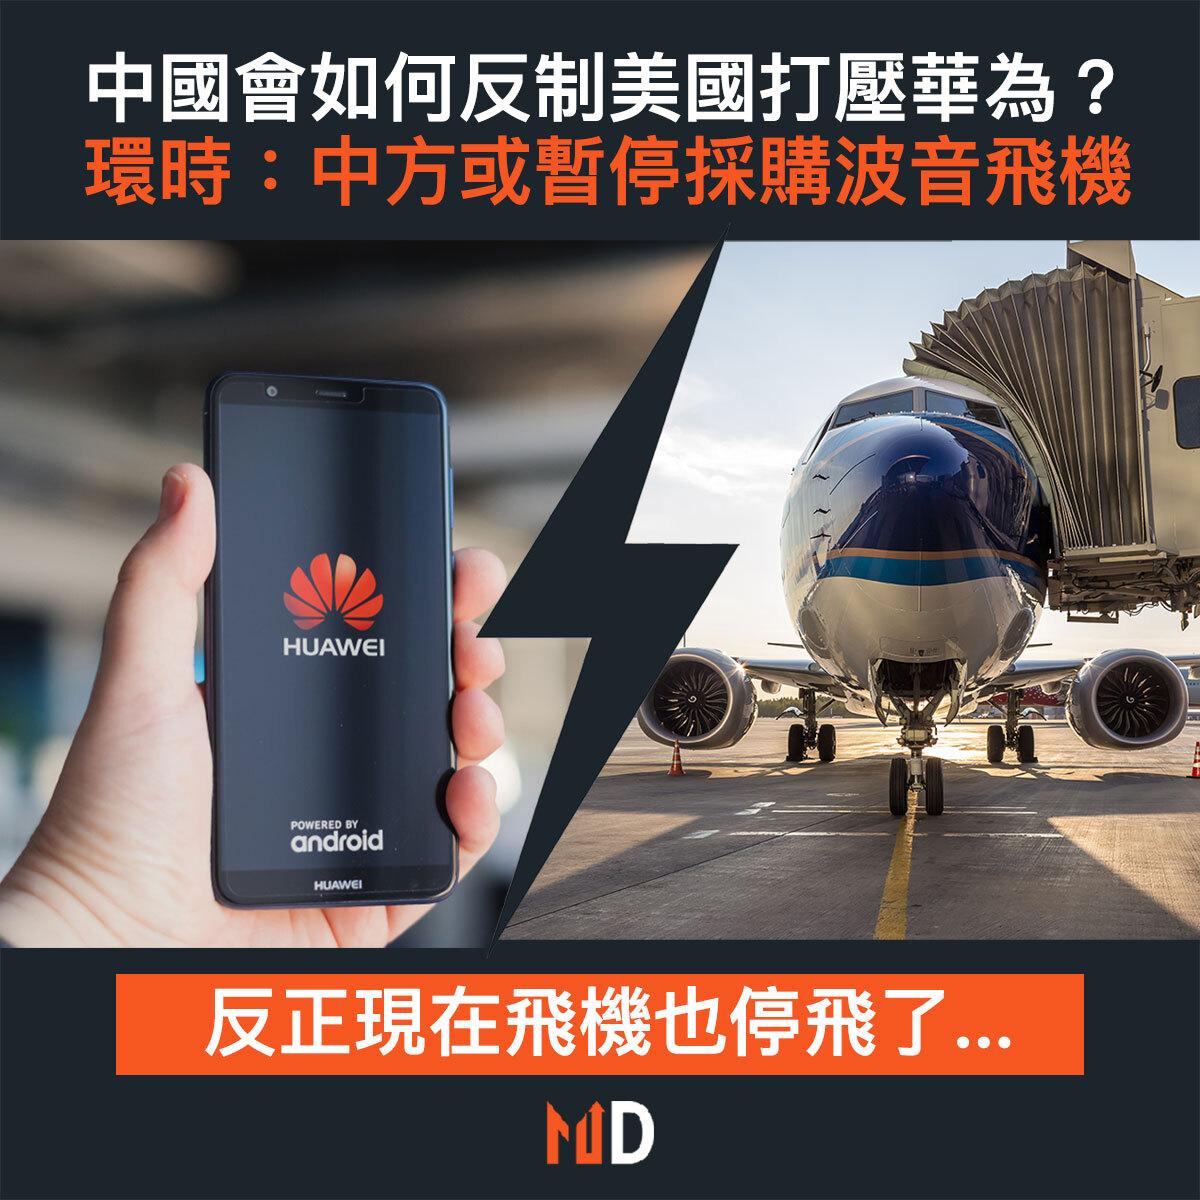 【市場熱話】中國會如何反制美國打壓華為?環時:中方或暫停採購波音飛機